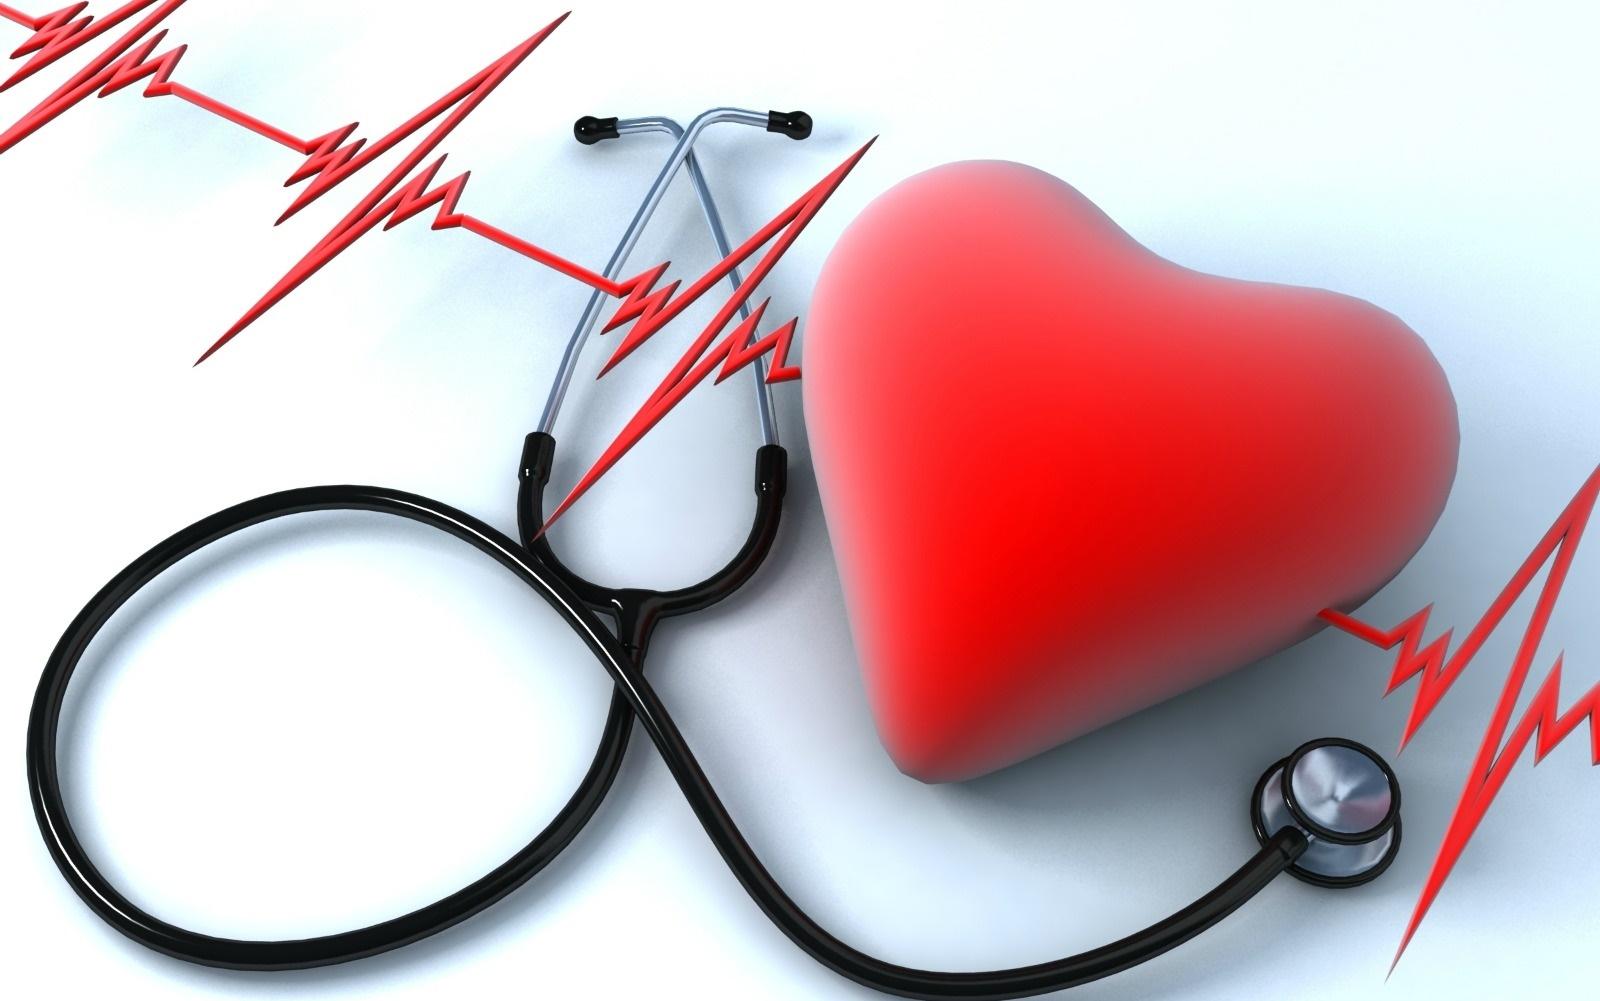 به زودی دیگر نیازی به تعویض باتری قلب نیست!